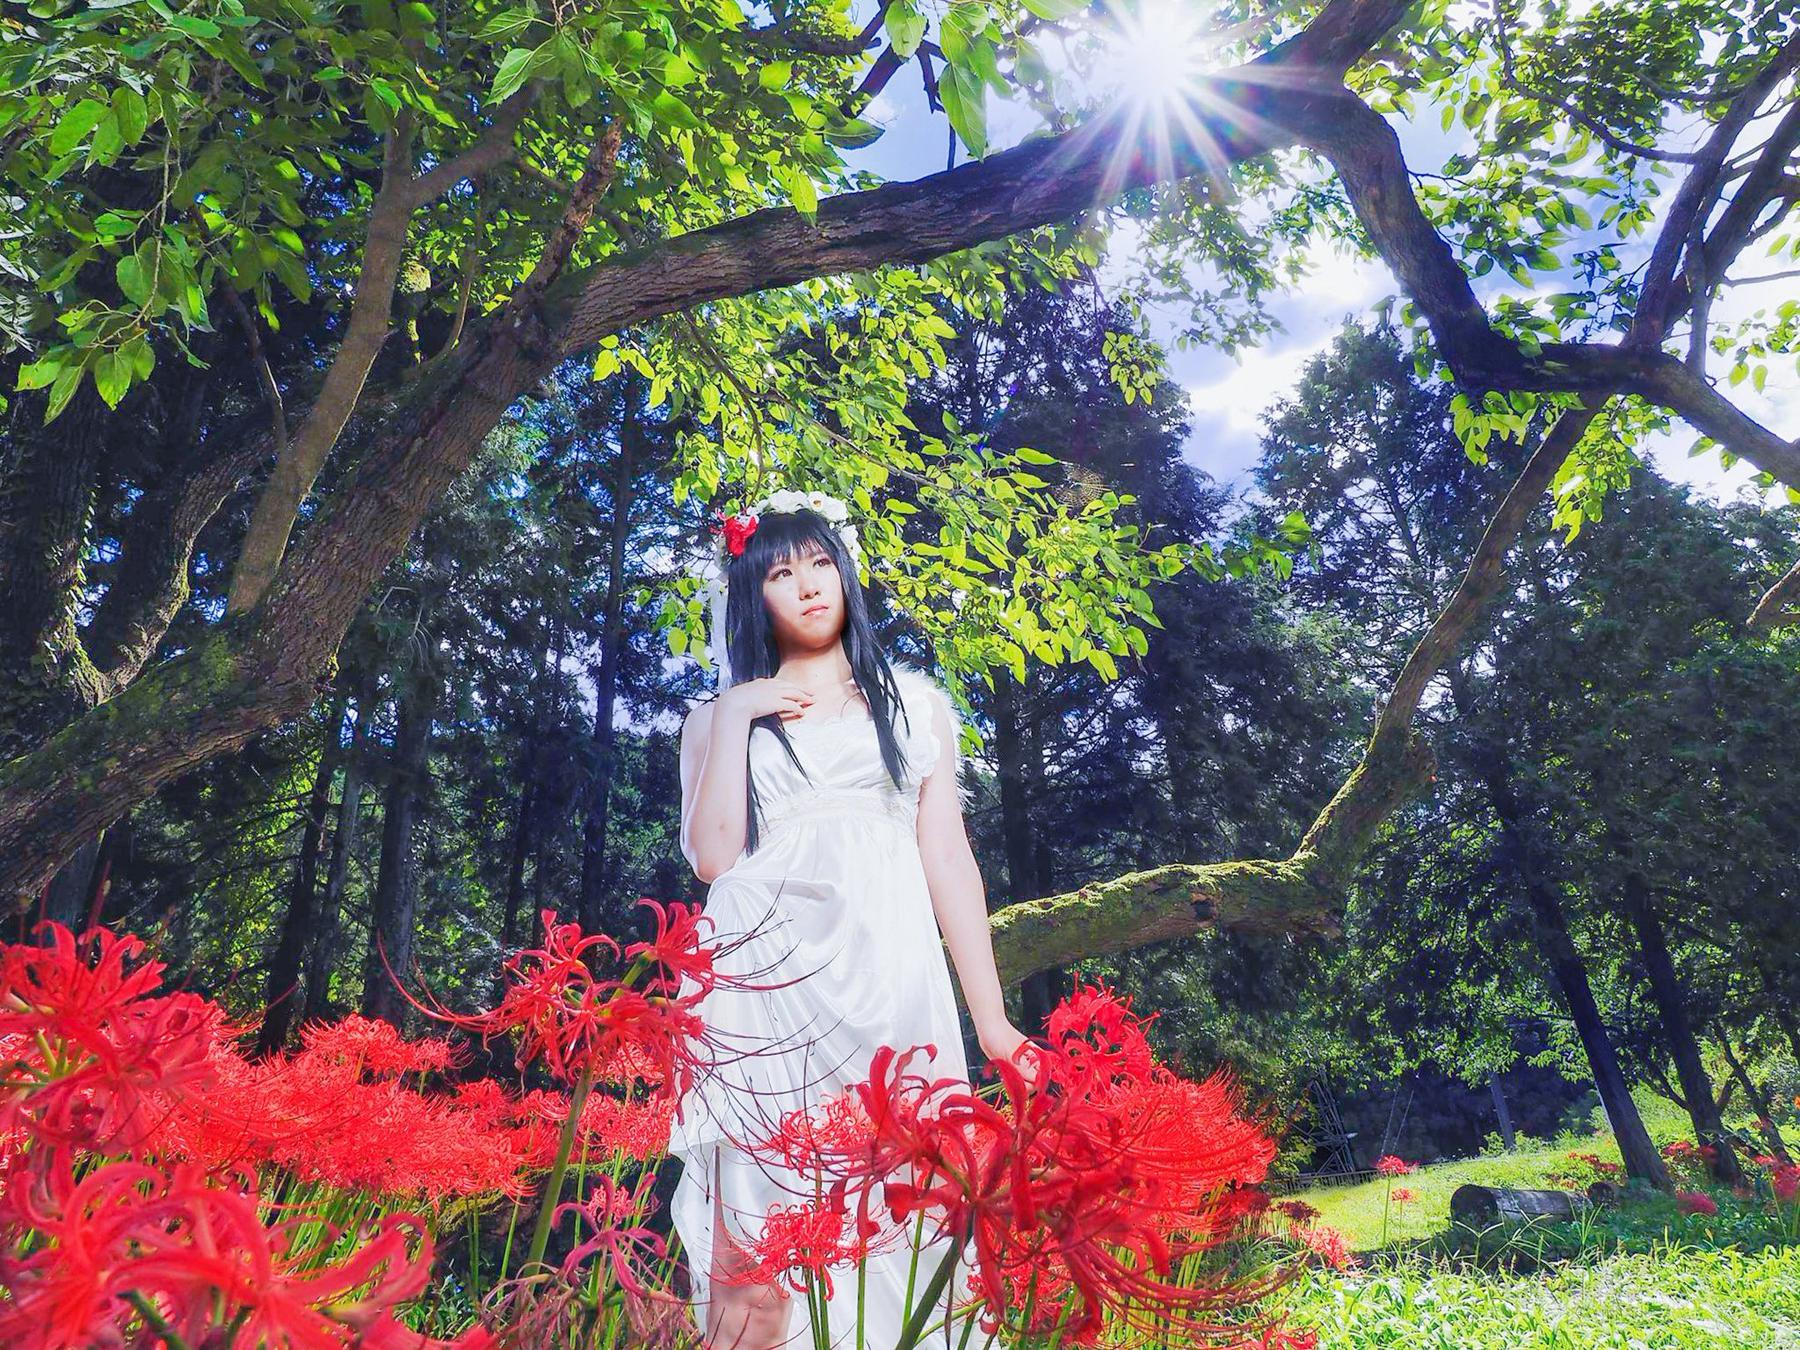 陽の光と天使